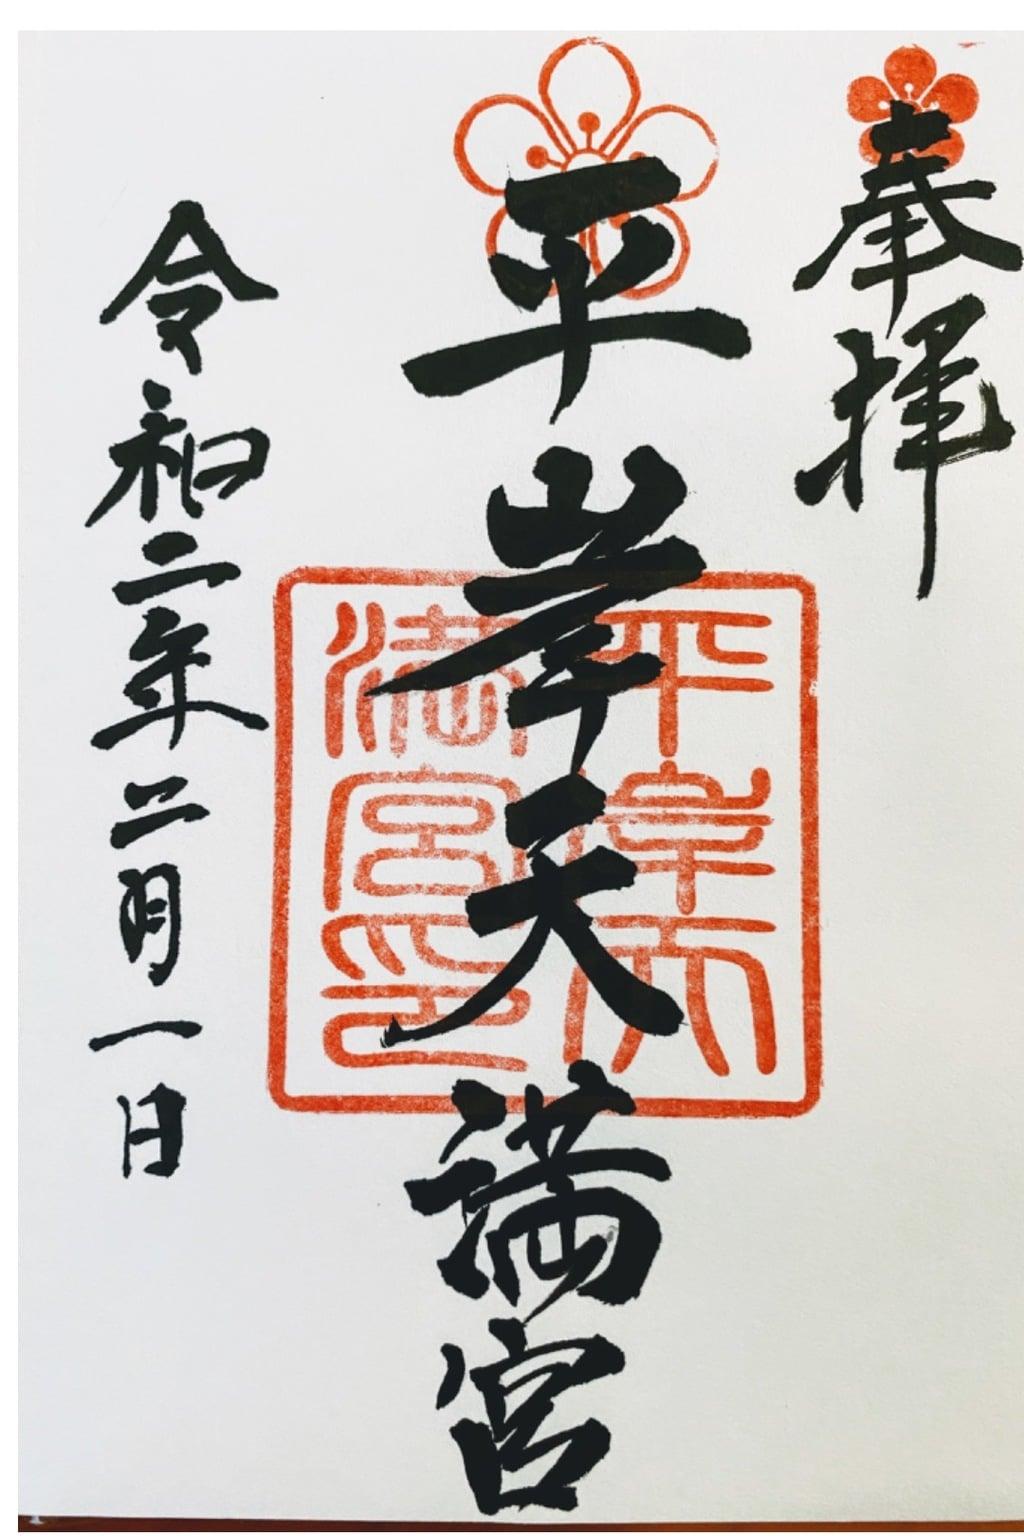 平岸天満宮・太平山三吉神社の御朱印